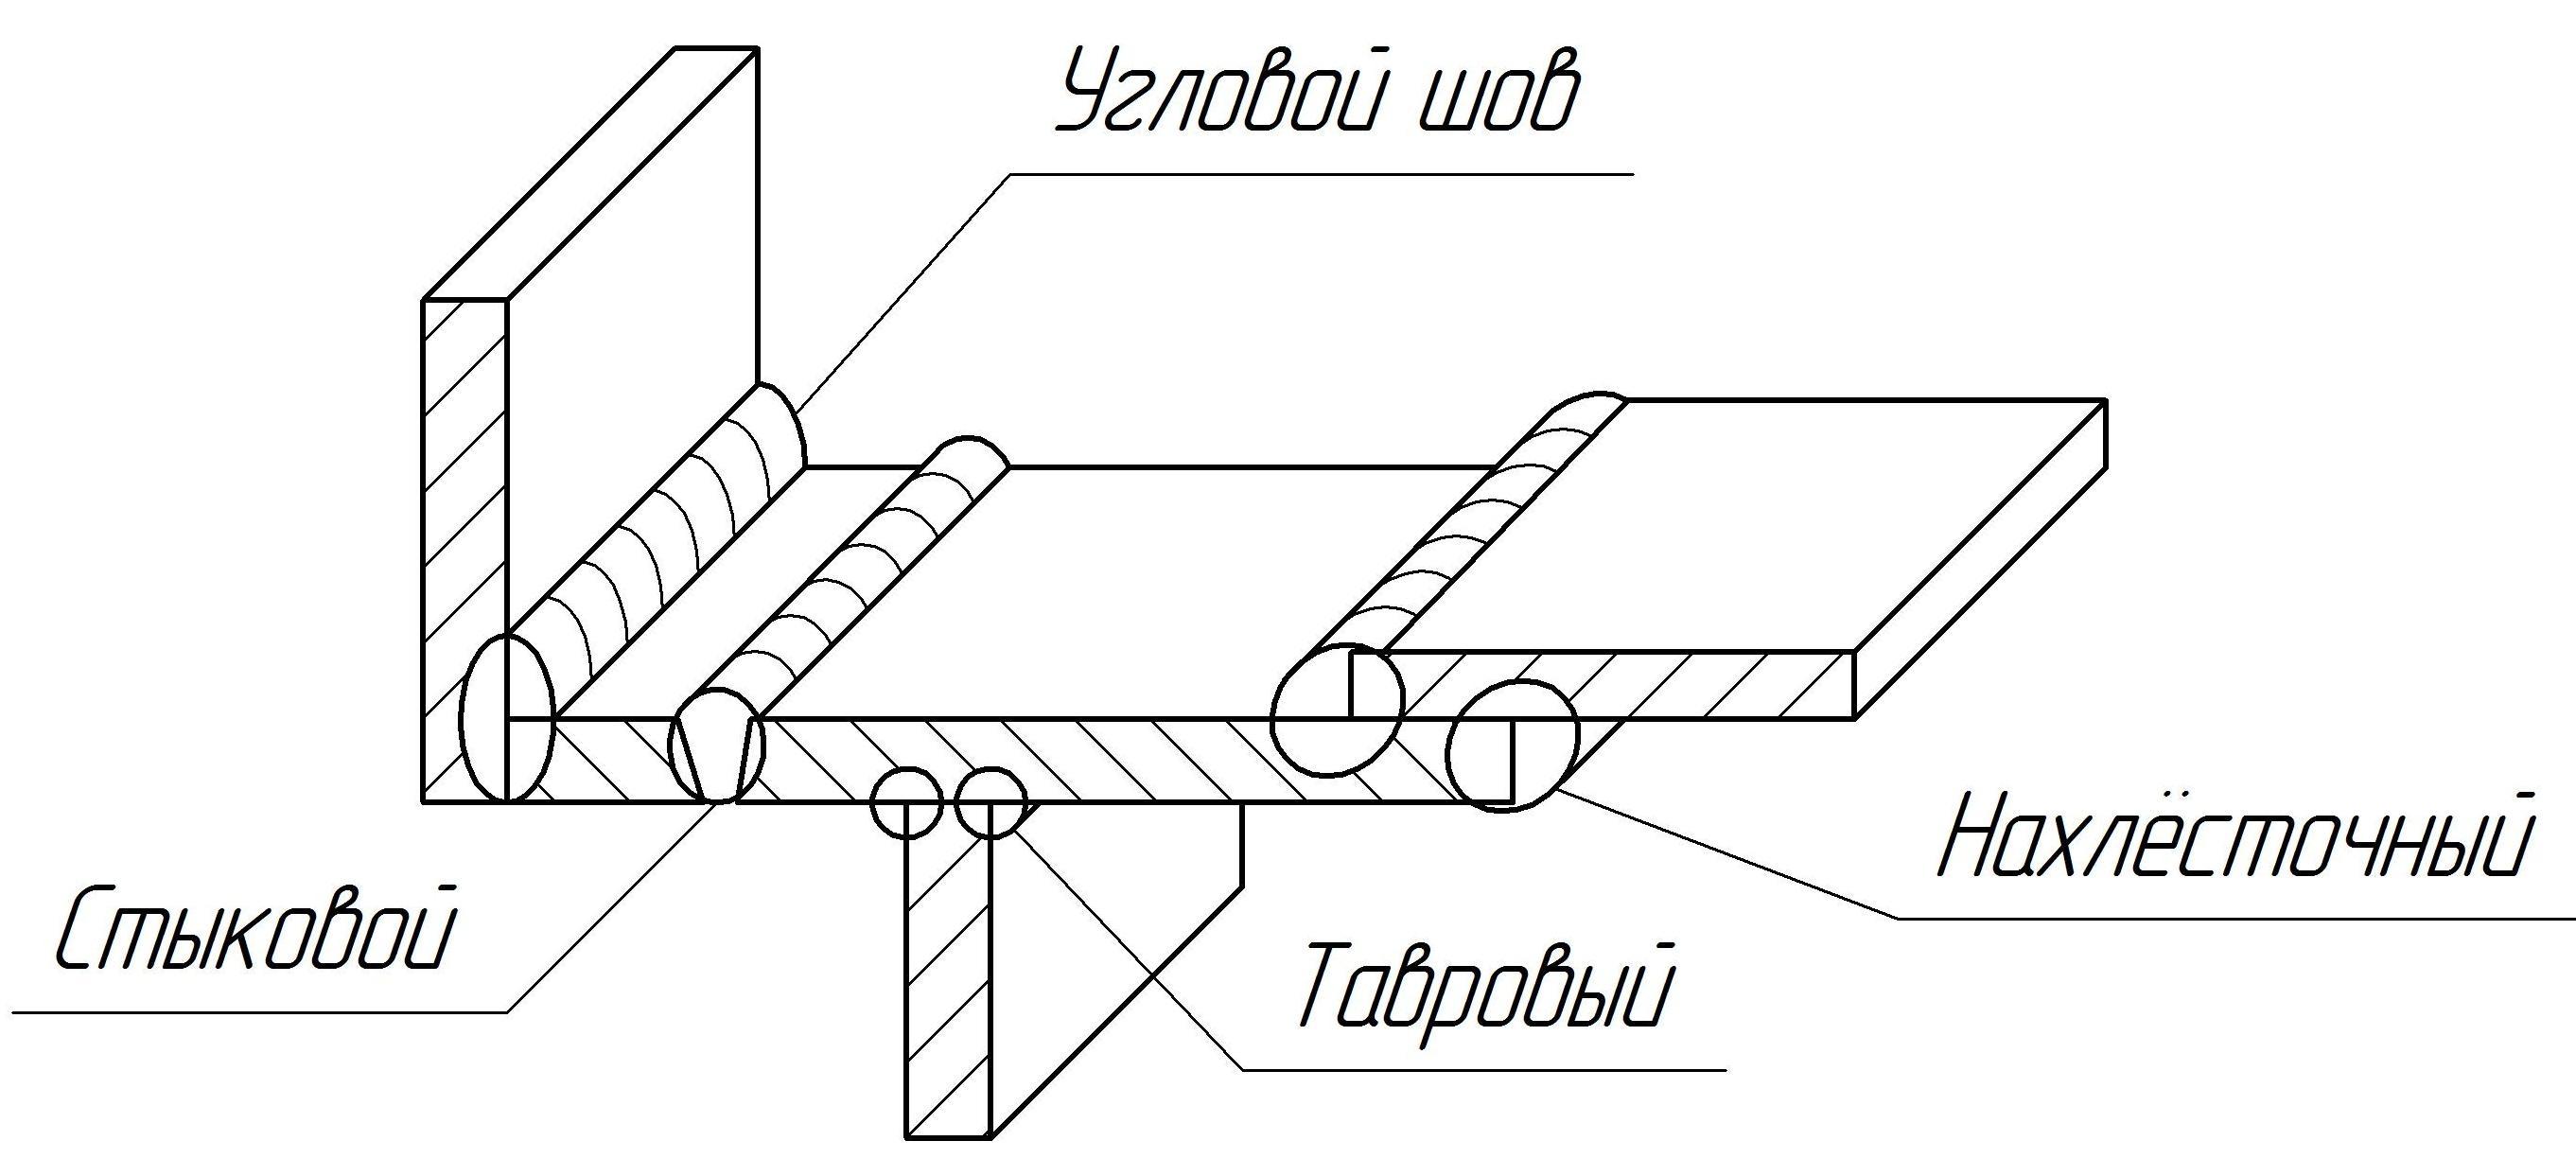 Сварка металлоконструкций: технология, приспособления, операционная технологическая карта на работы по сборке и ручной дуговой – определенных деталей и элементов на svarka.guru